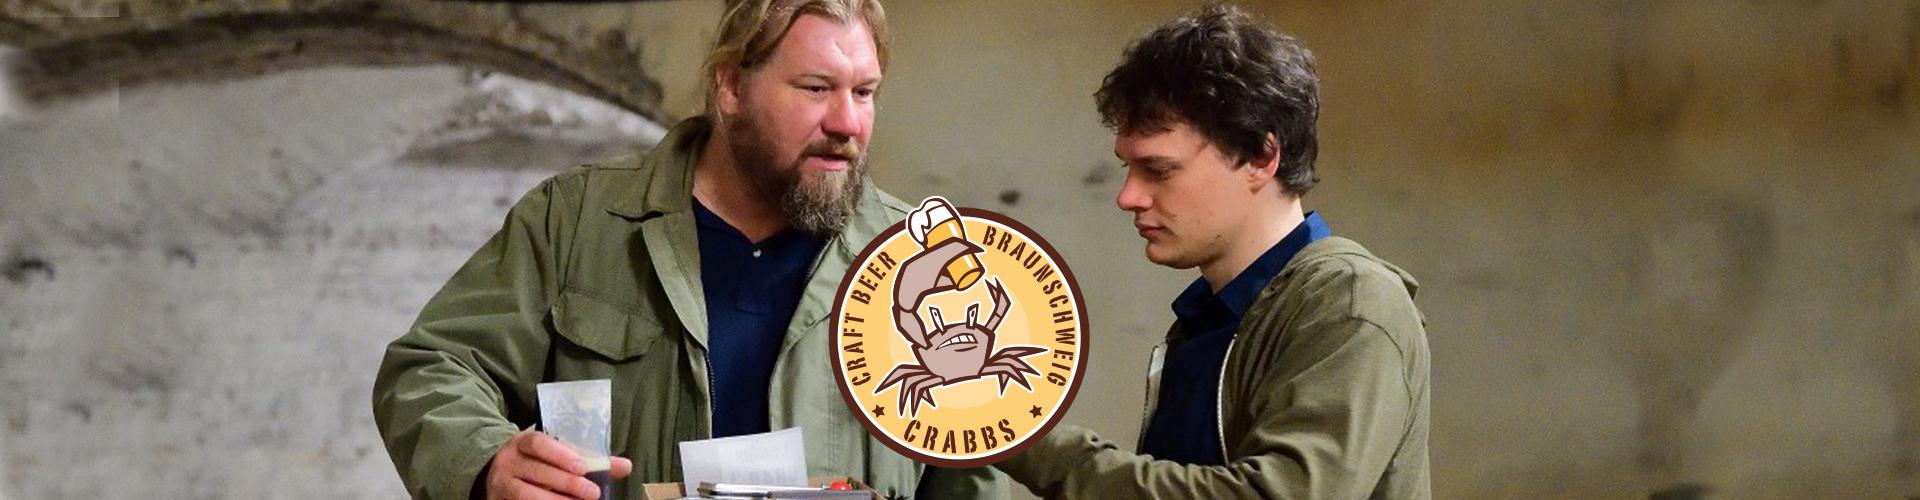 brauerei crabbs - Brauereiführung